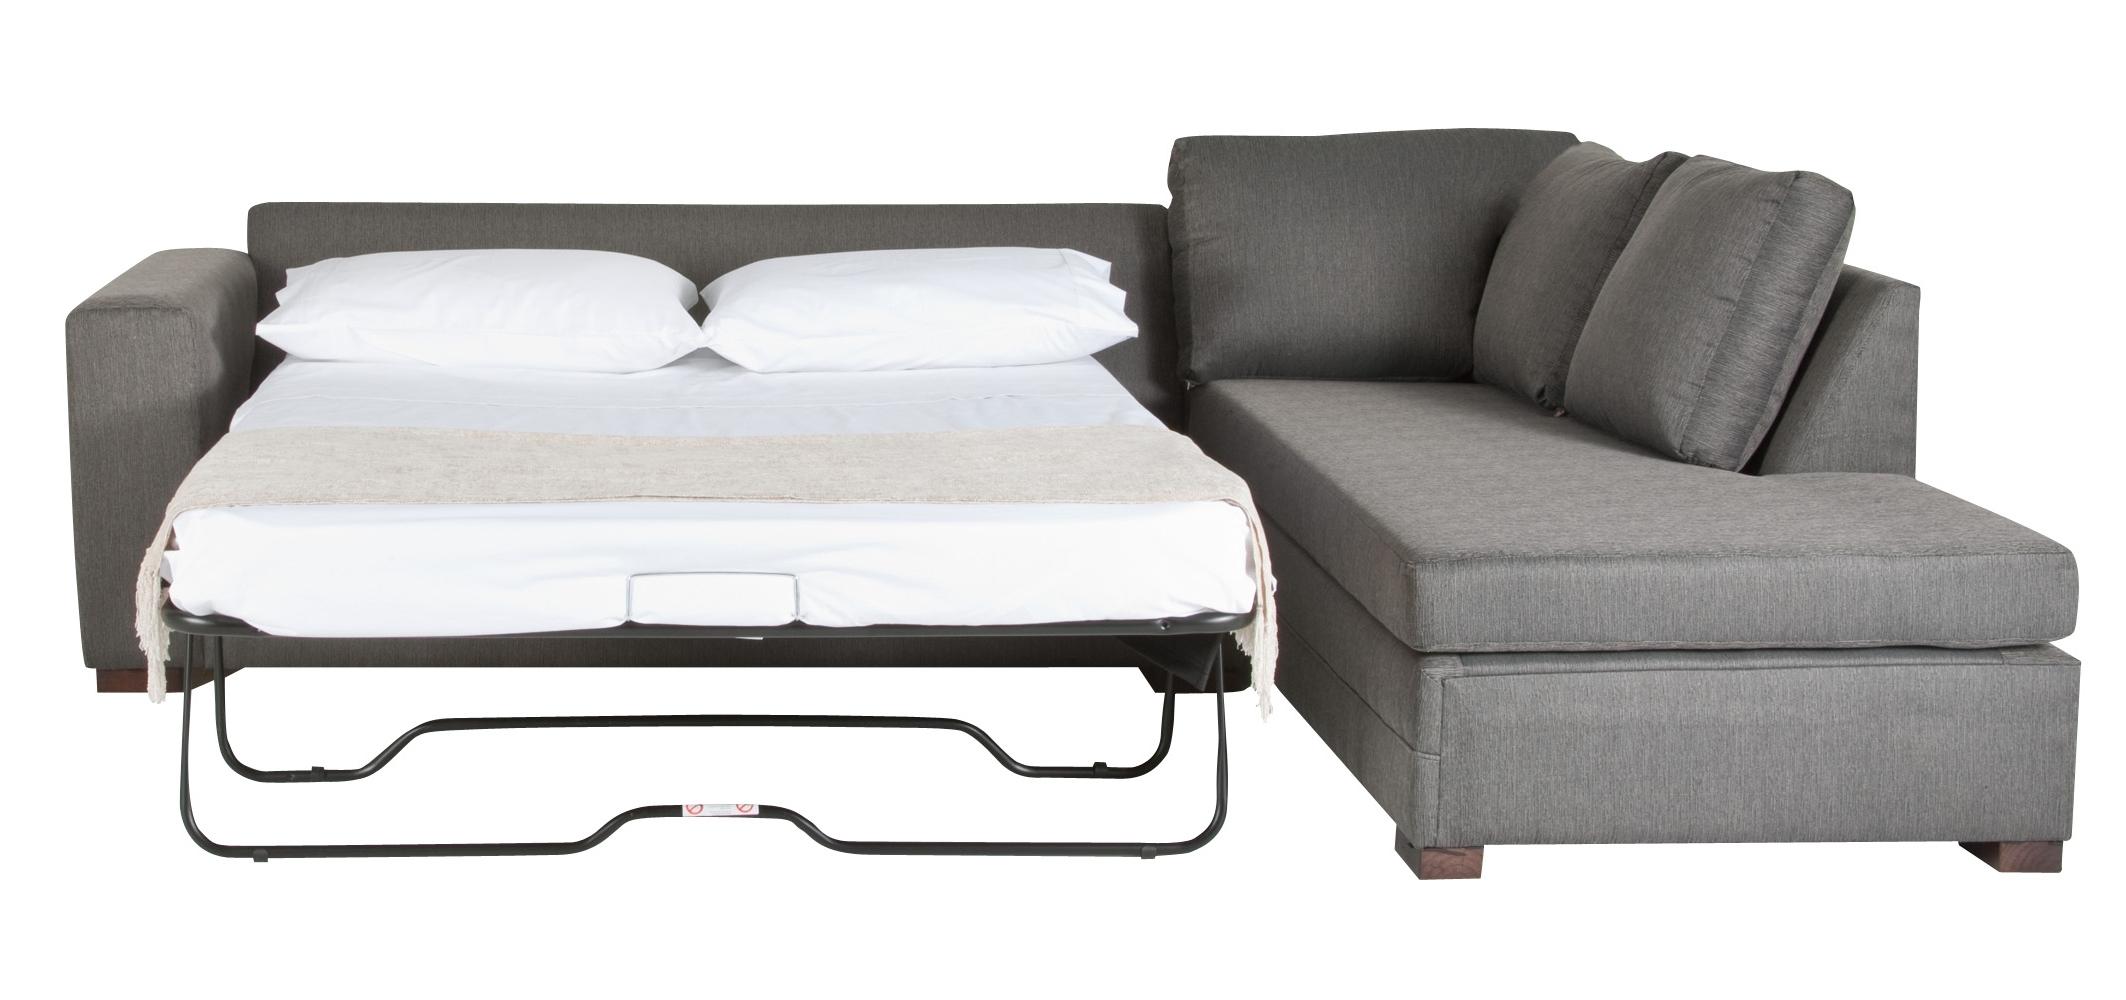 Ikea Sleeper Sofa (Gallery 9 of 20)